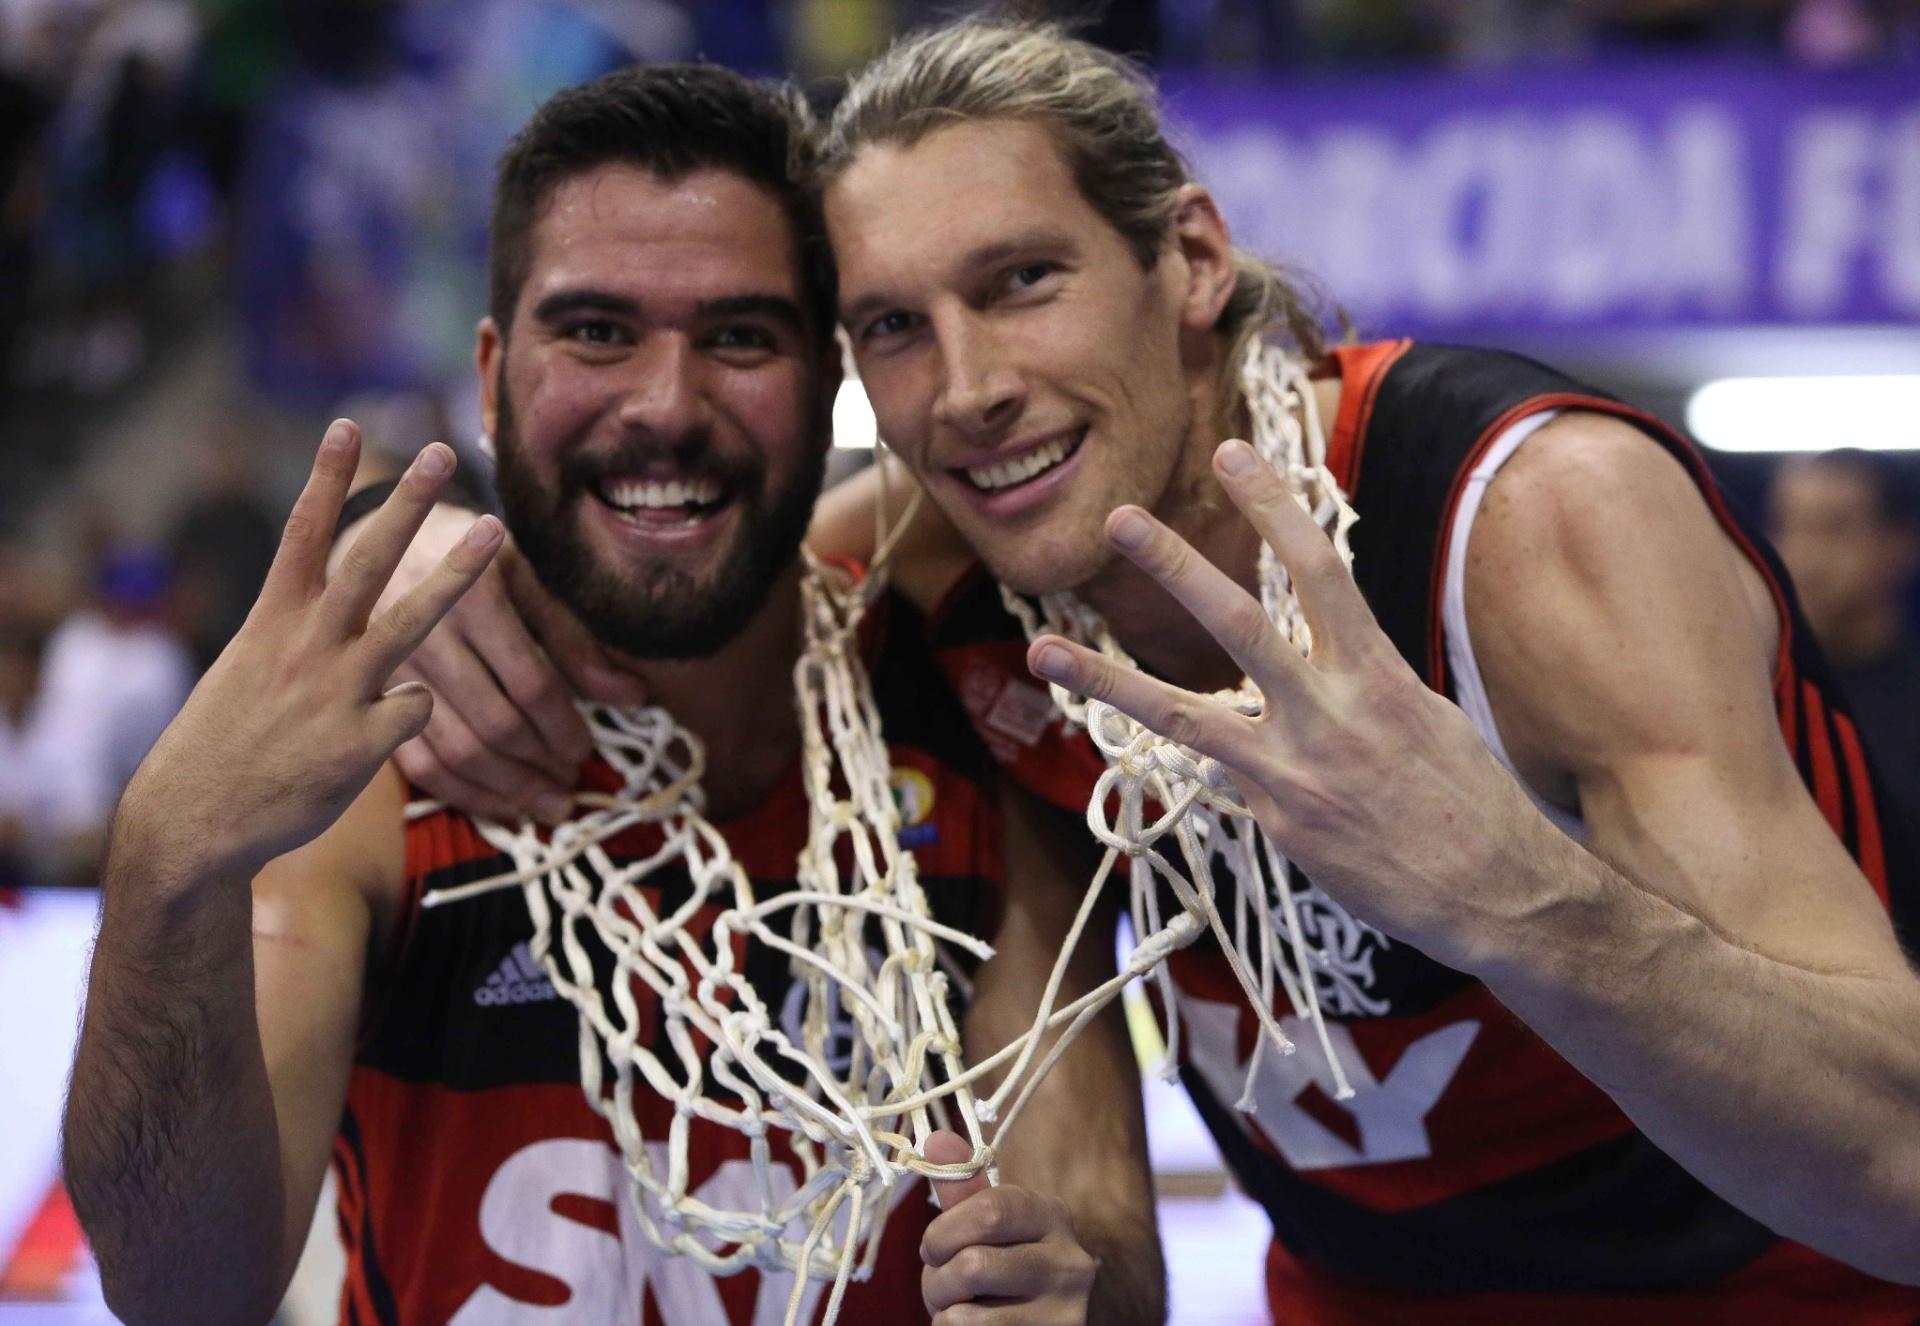 Gegê e Herrmann comemoram o título do Flamengo no NBB